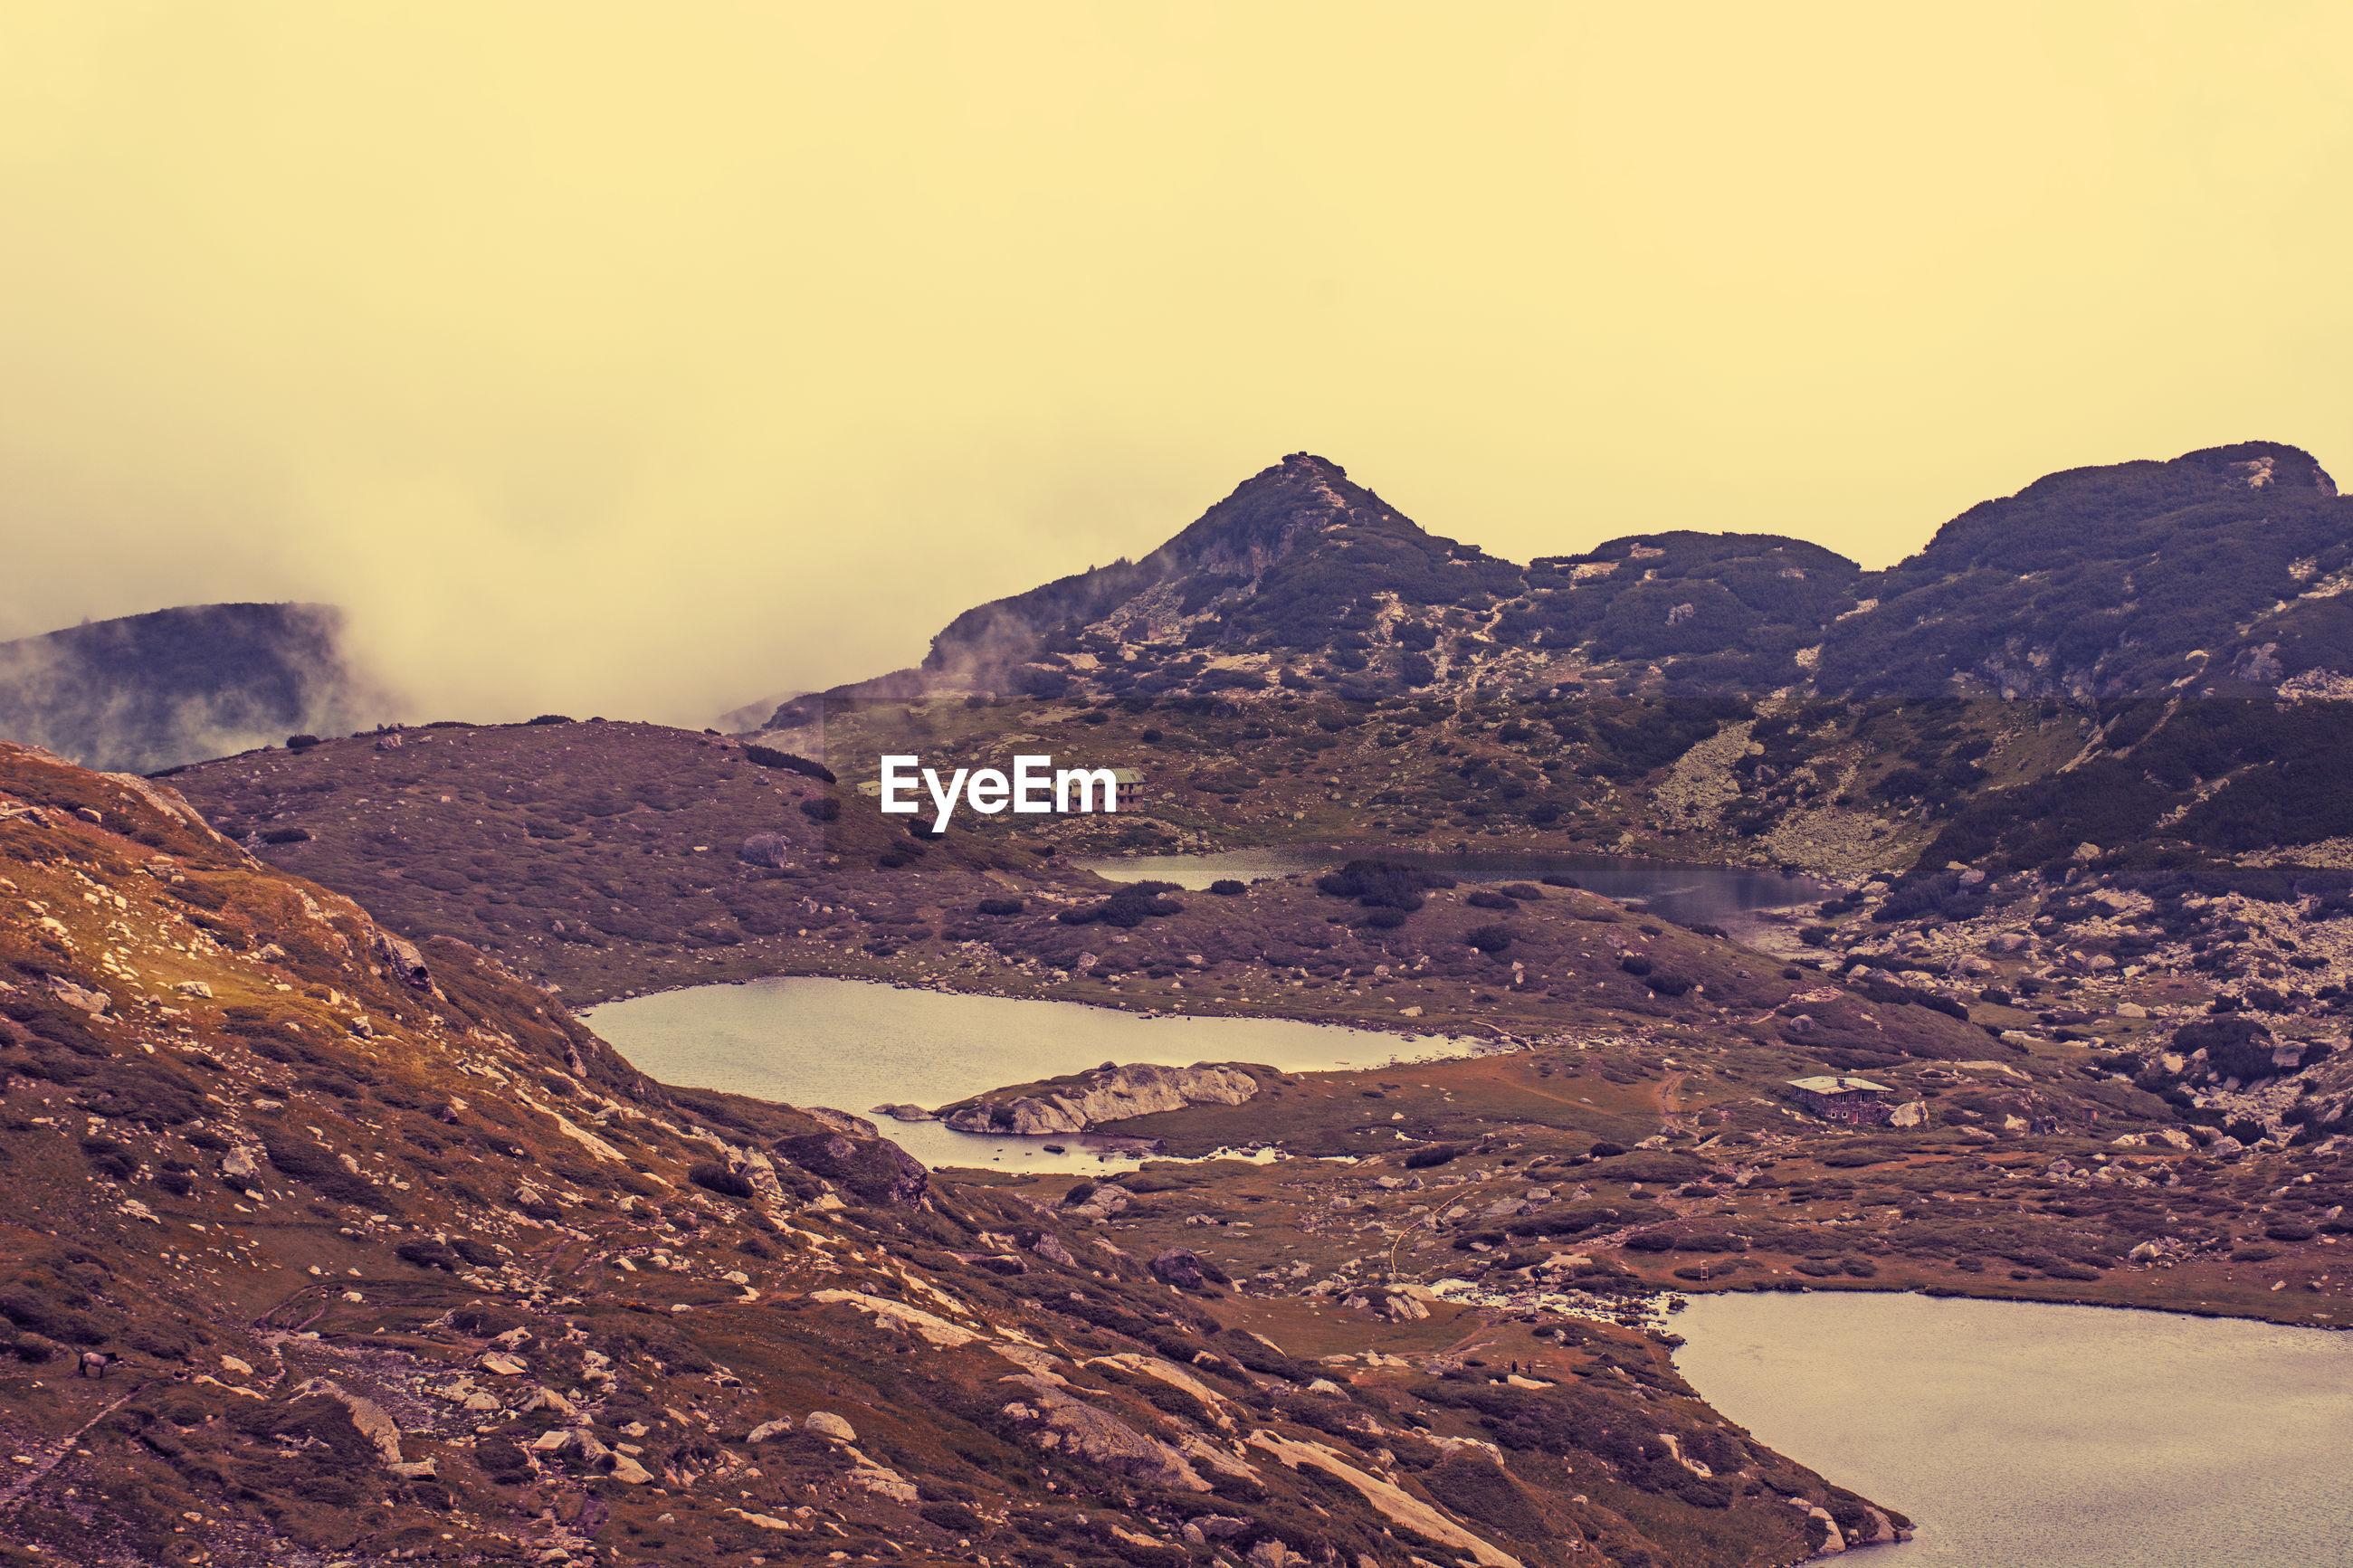 MOUNTAIN RANGE AGAINST SKY